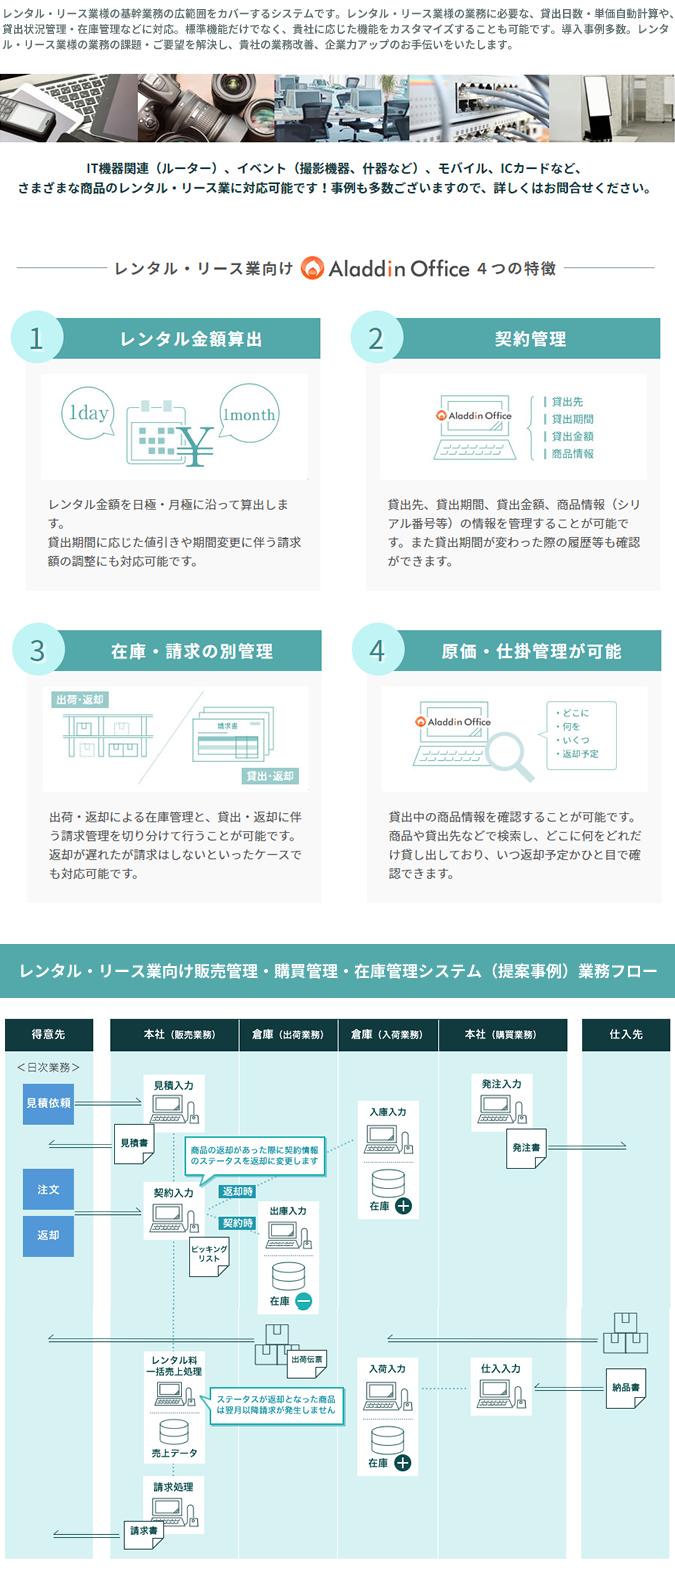 アラジンオフィス(レンタル・リース業向け)製品詳細1